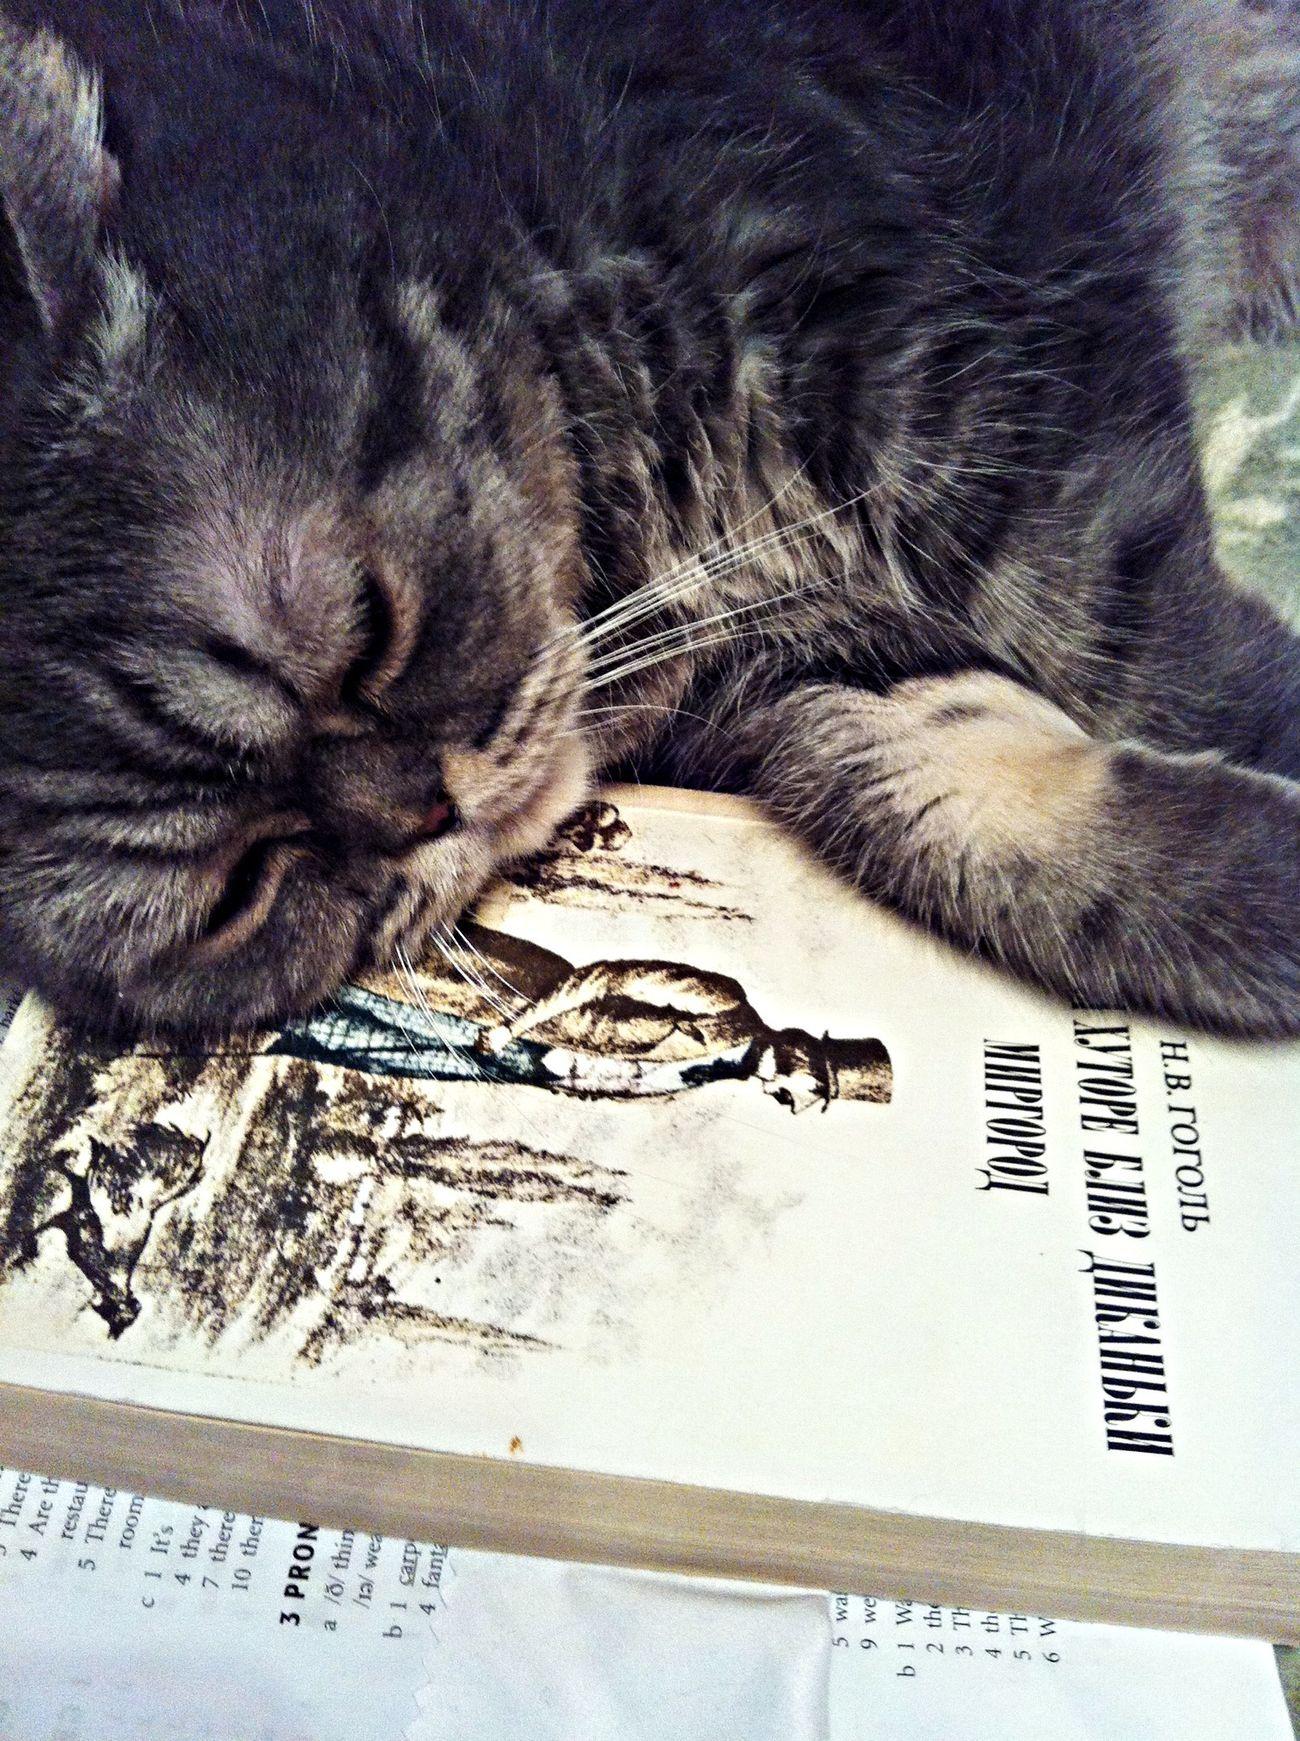 Gogol dreams